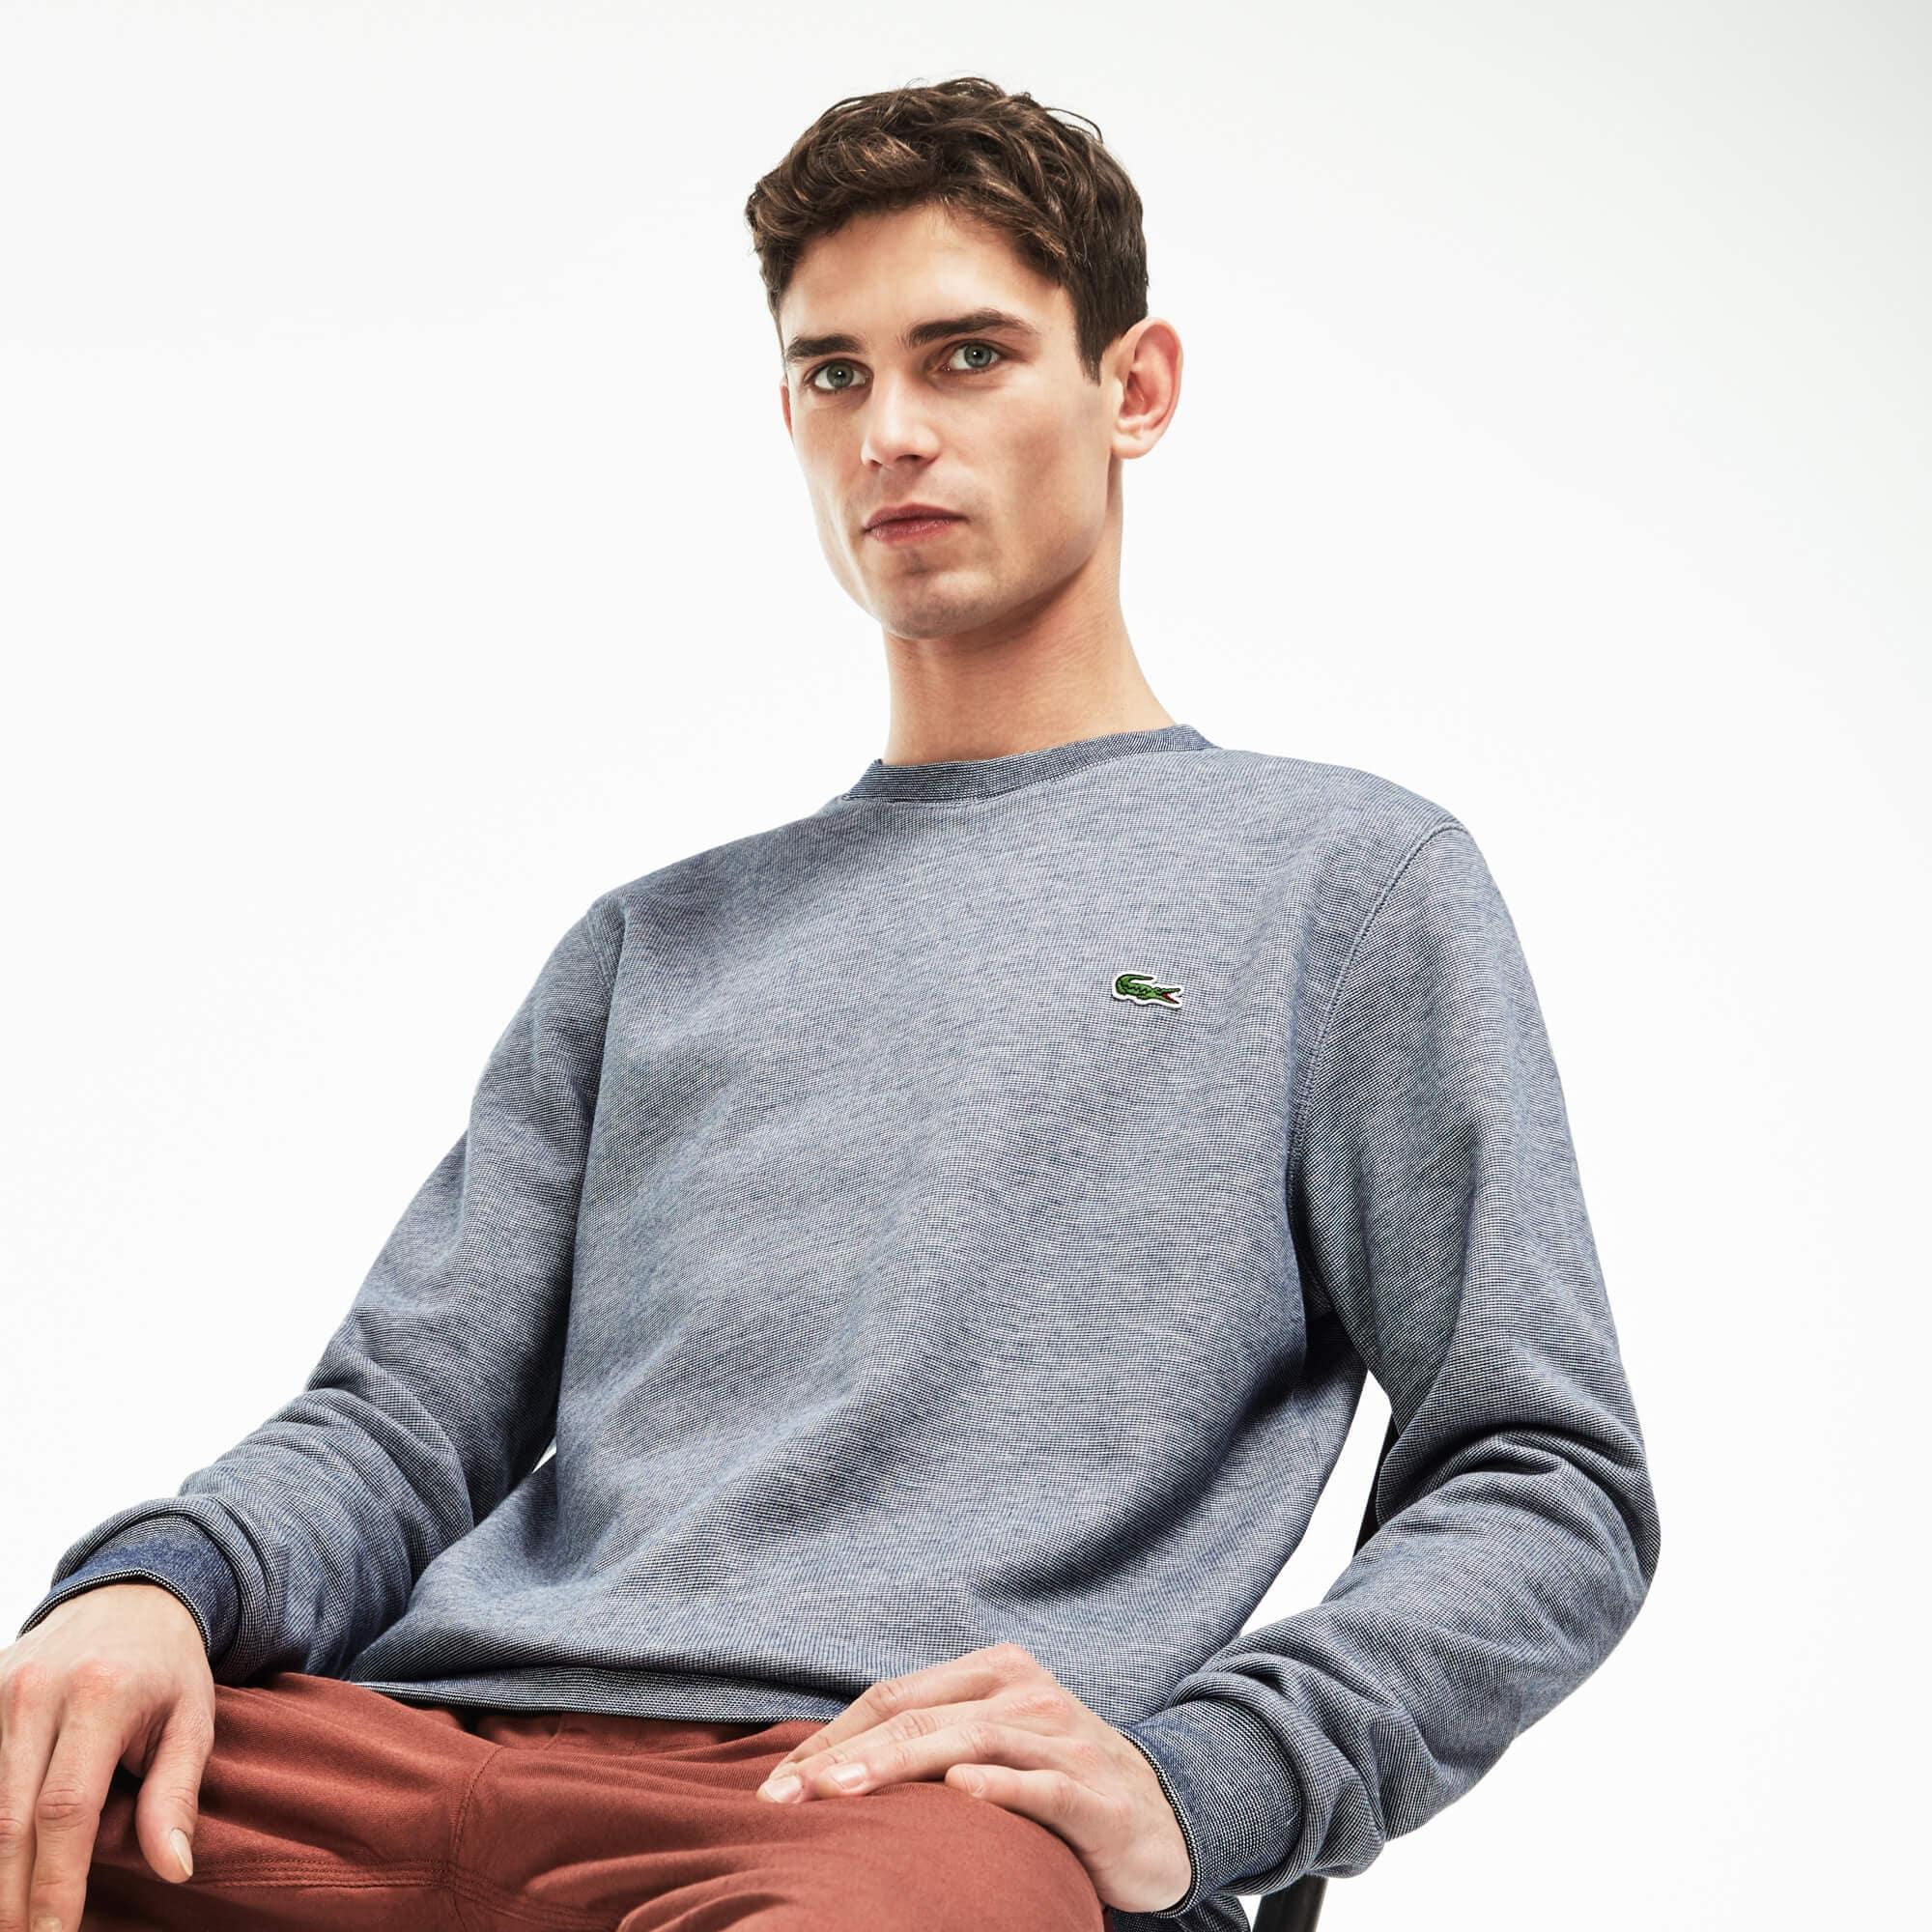 Herren-Rundhals-Sweatshirt aus aufgerautem Fleece mit Streifen